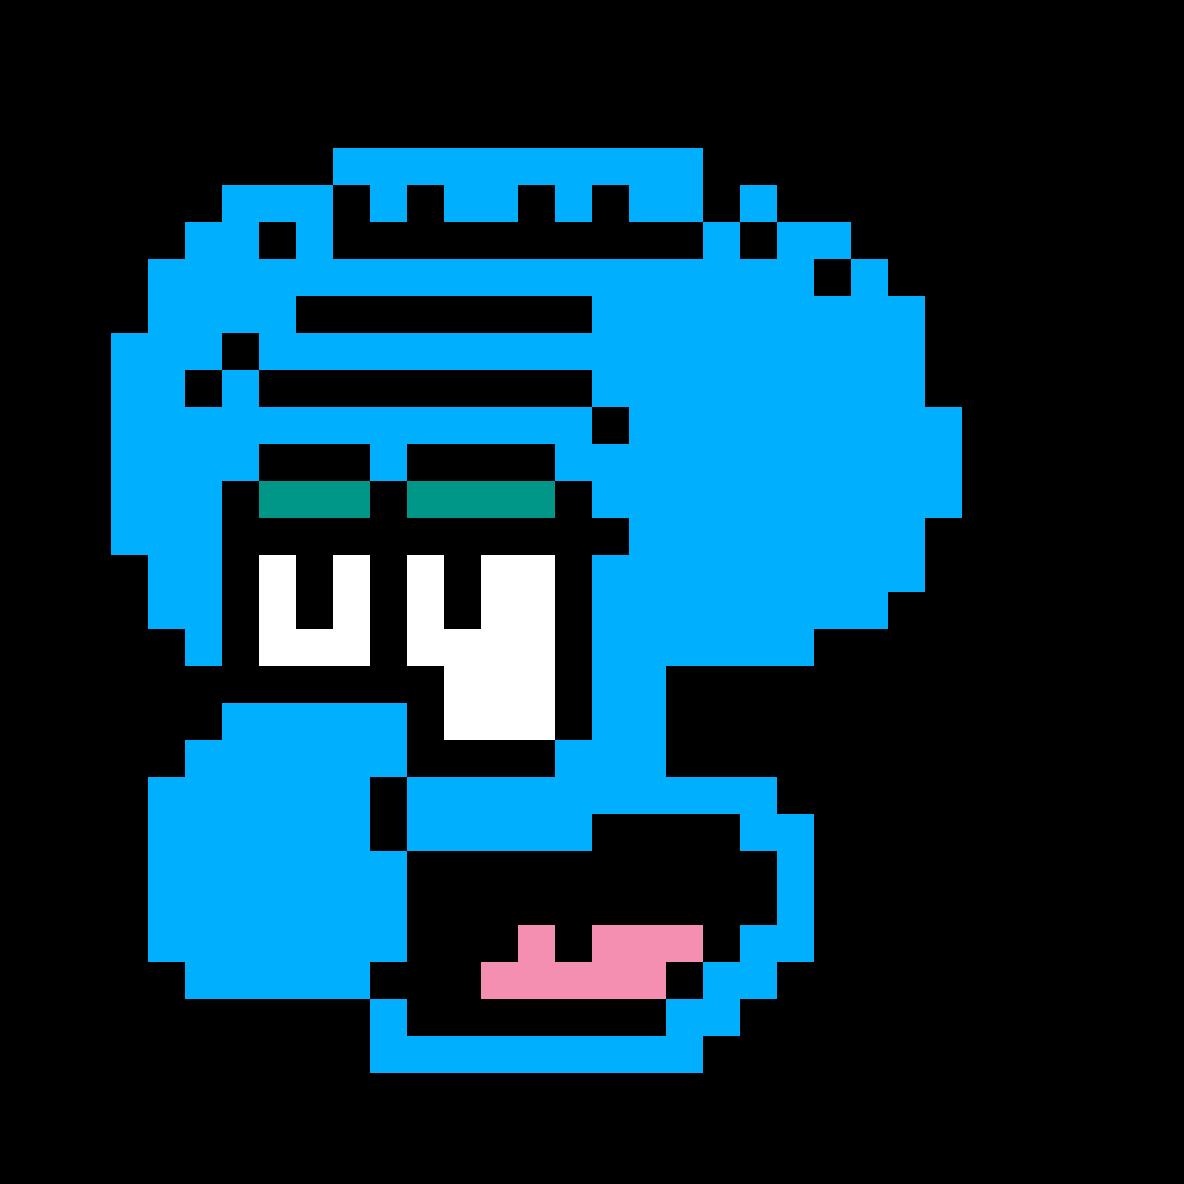 Майнкрафт пиксель арт